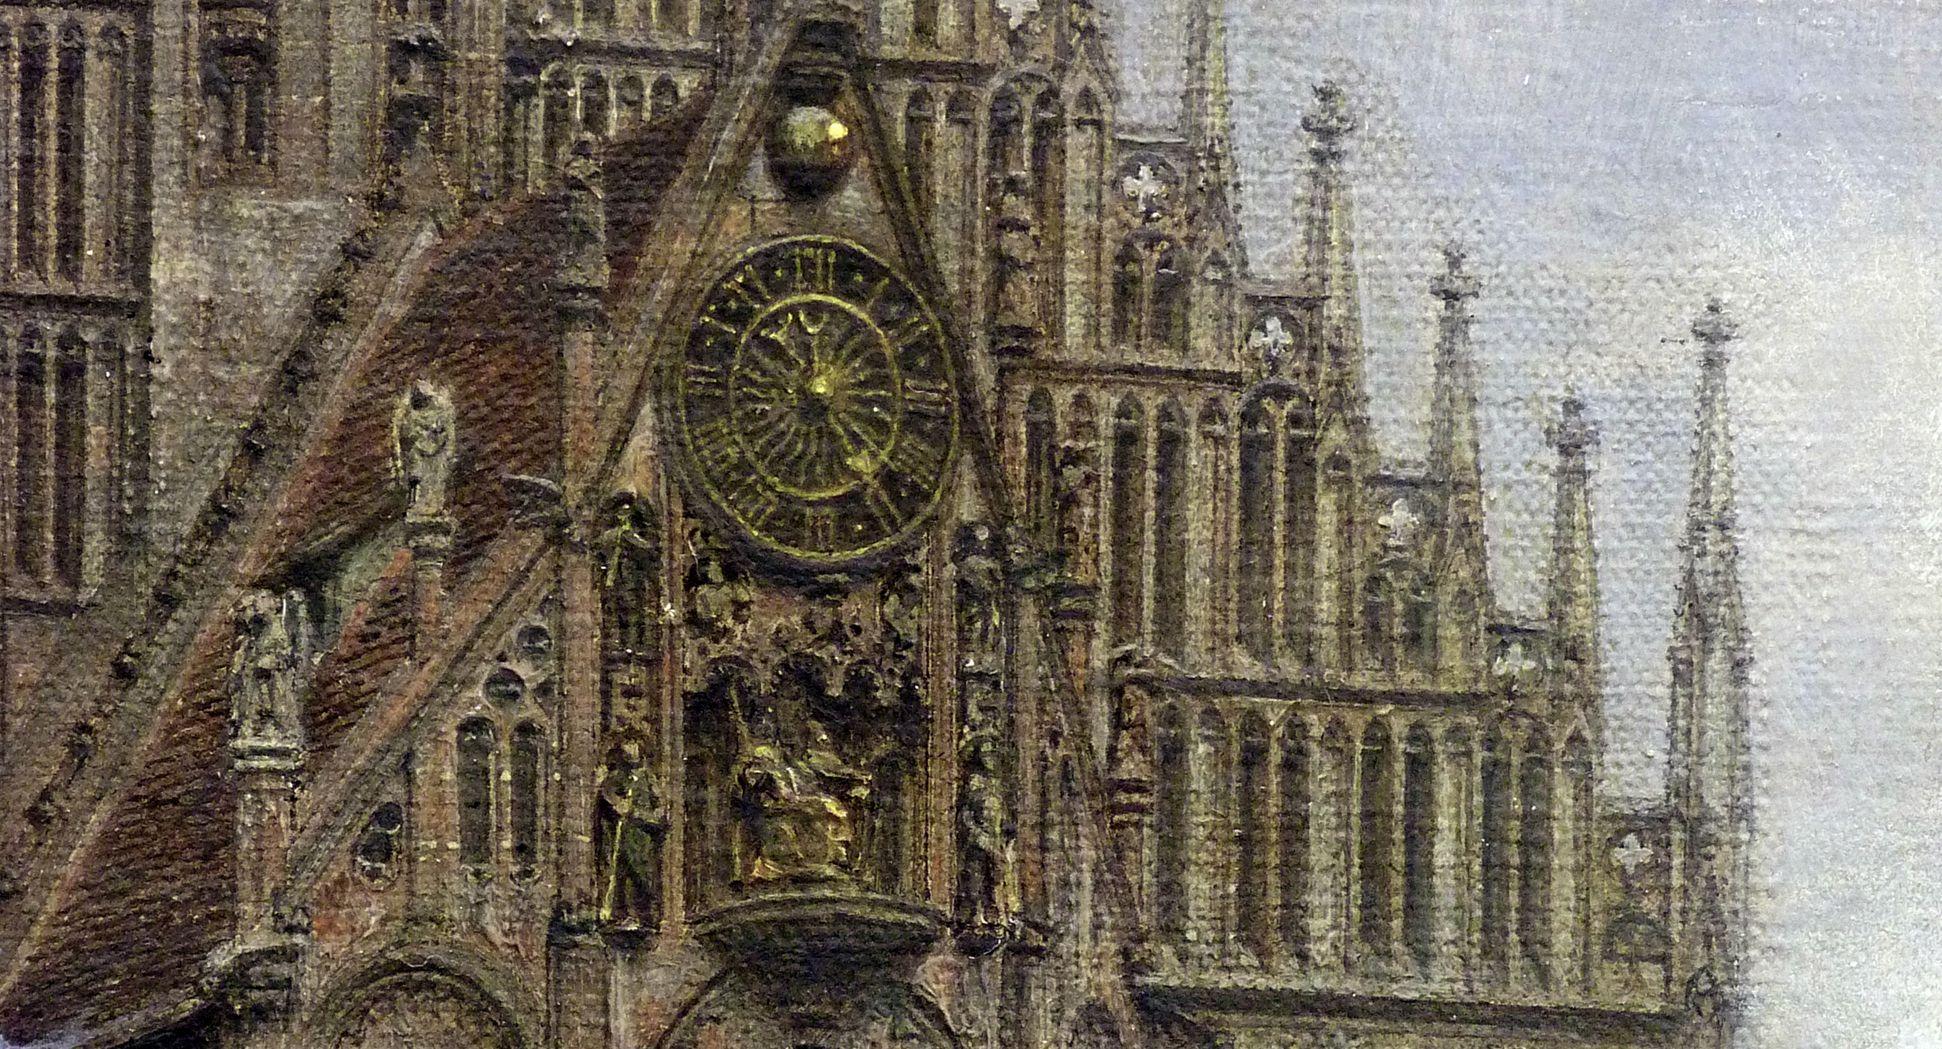 Der Marktplatz zu Nürnberg zur Zeit des Tuniers von 1496 Michaelschor, Detailansicht